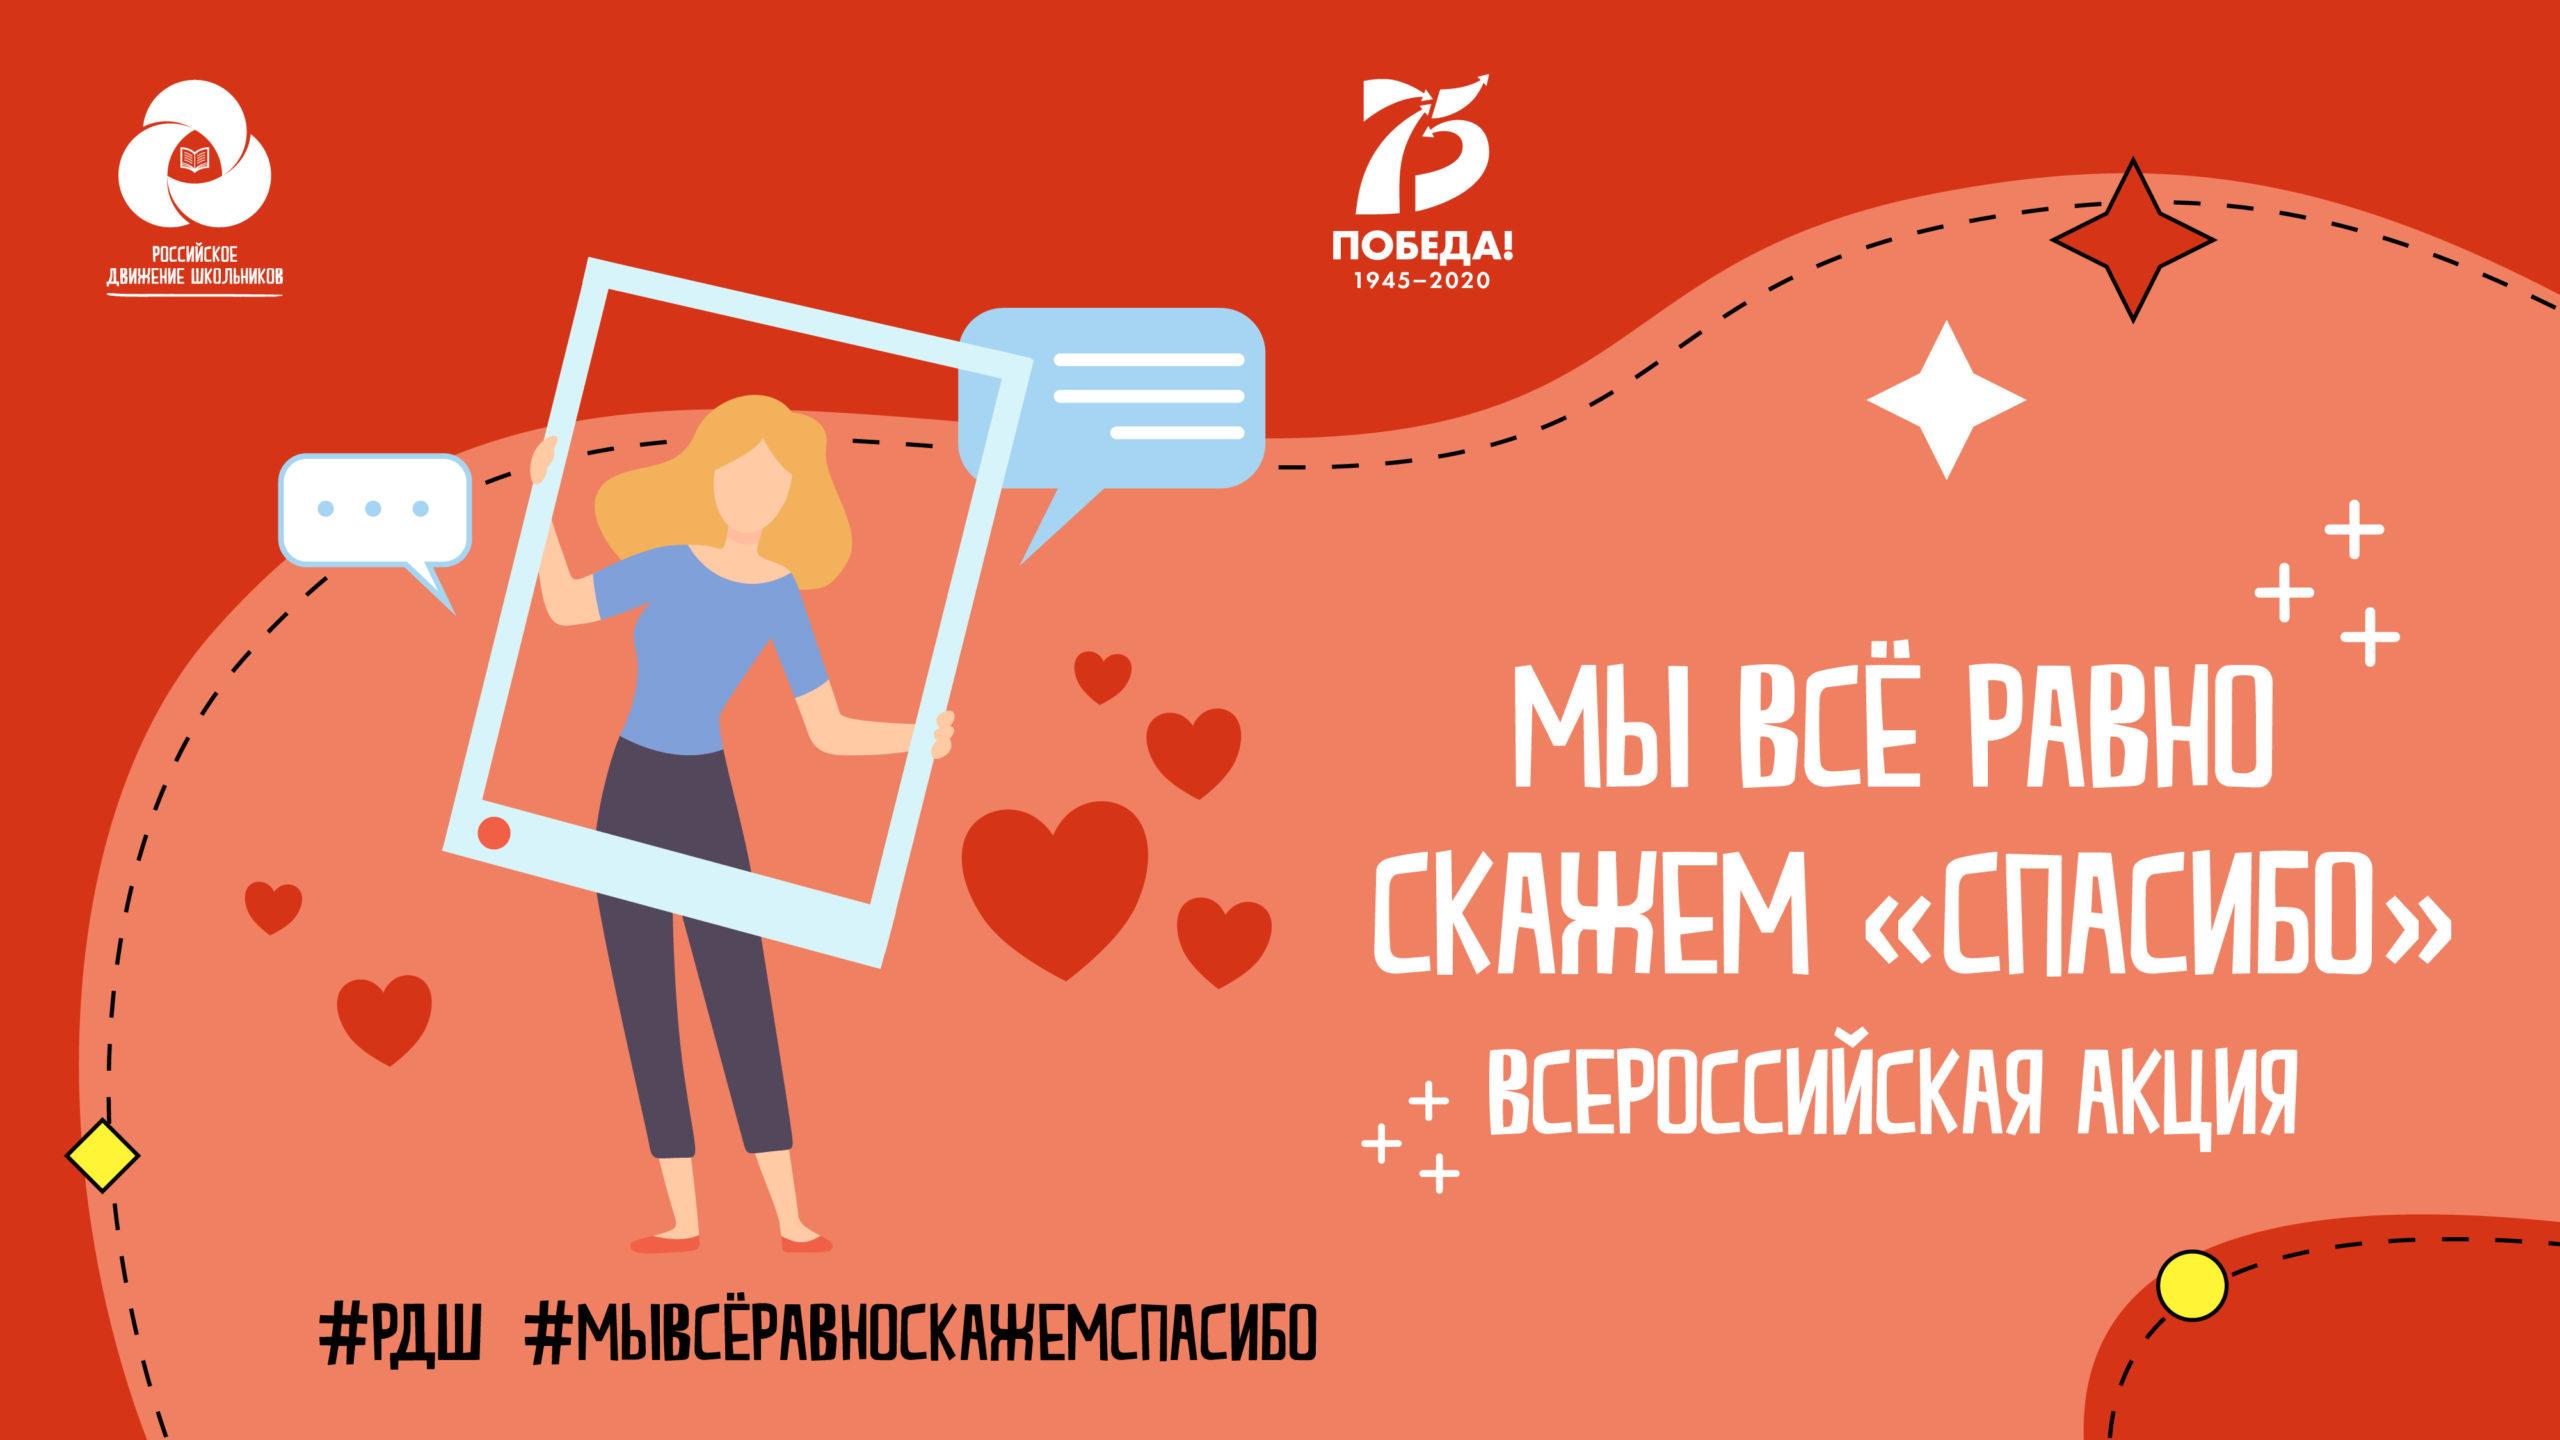 Школьники Тверской области запишут видеопослания ветеранам Великой Отечественной войны